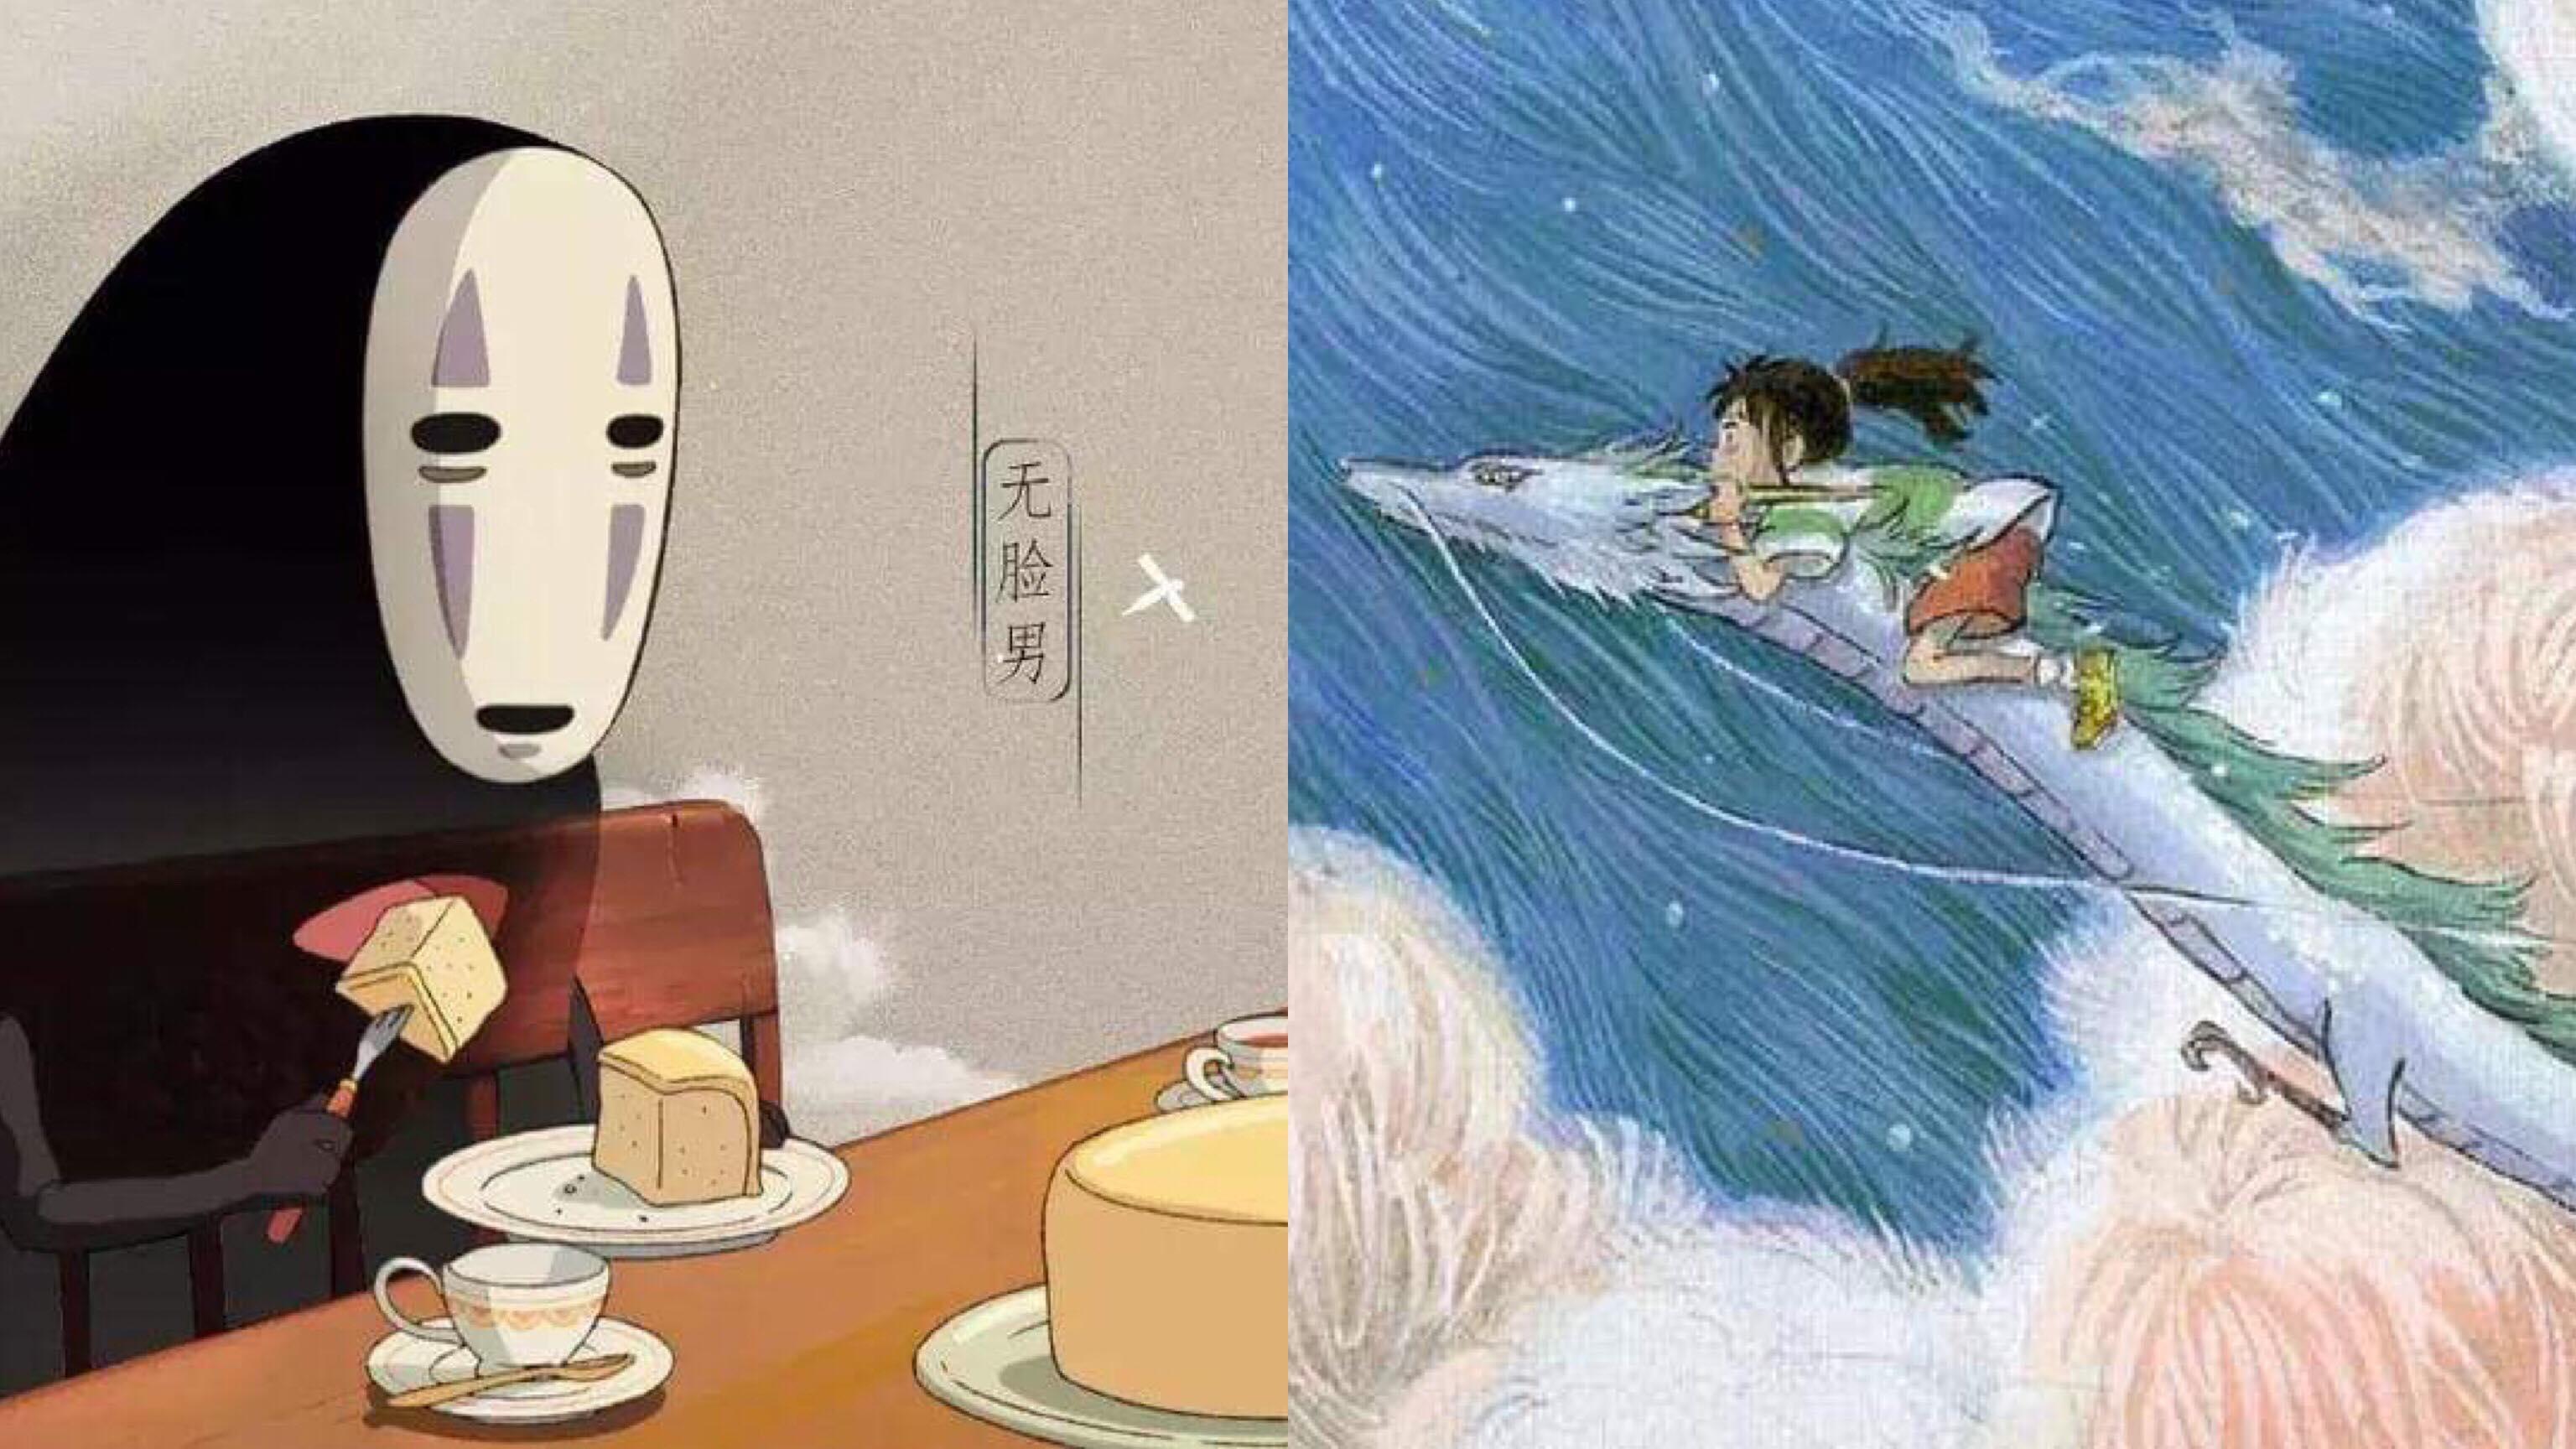 他為《神隱少女》重新設計的海報,讓許多網友看到「忍不住哭了」…. – 我們用電影寫日記